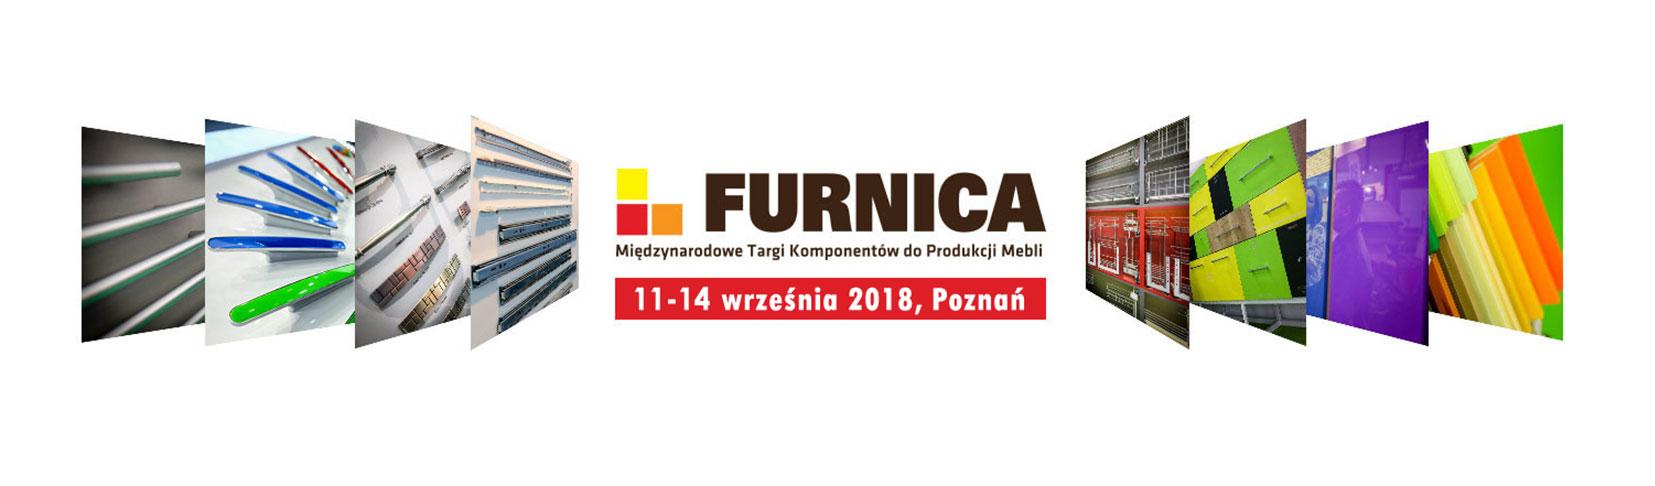 Zapraszamy na targi Furnica 2018 w Poznaniu